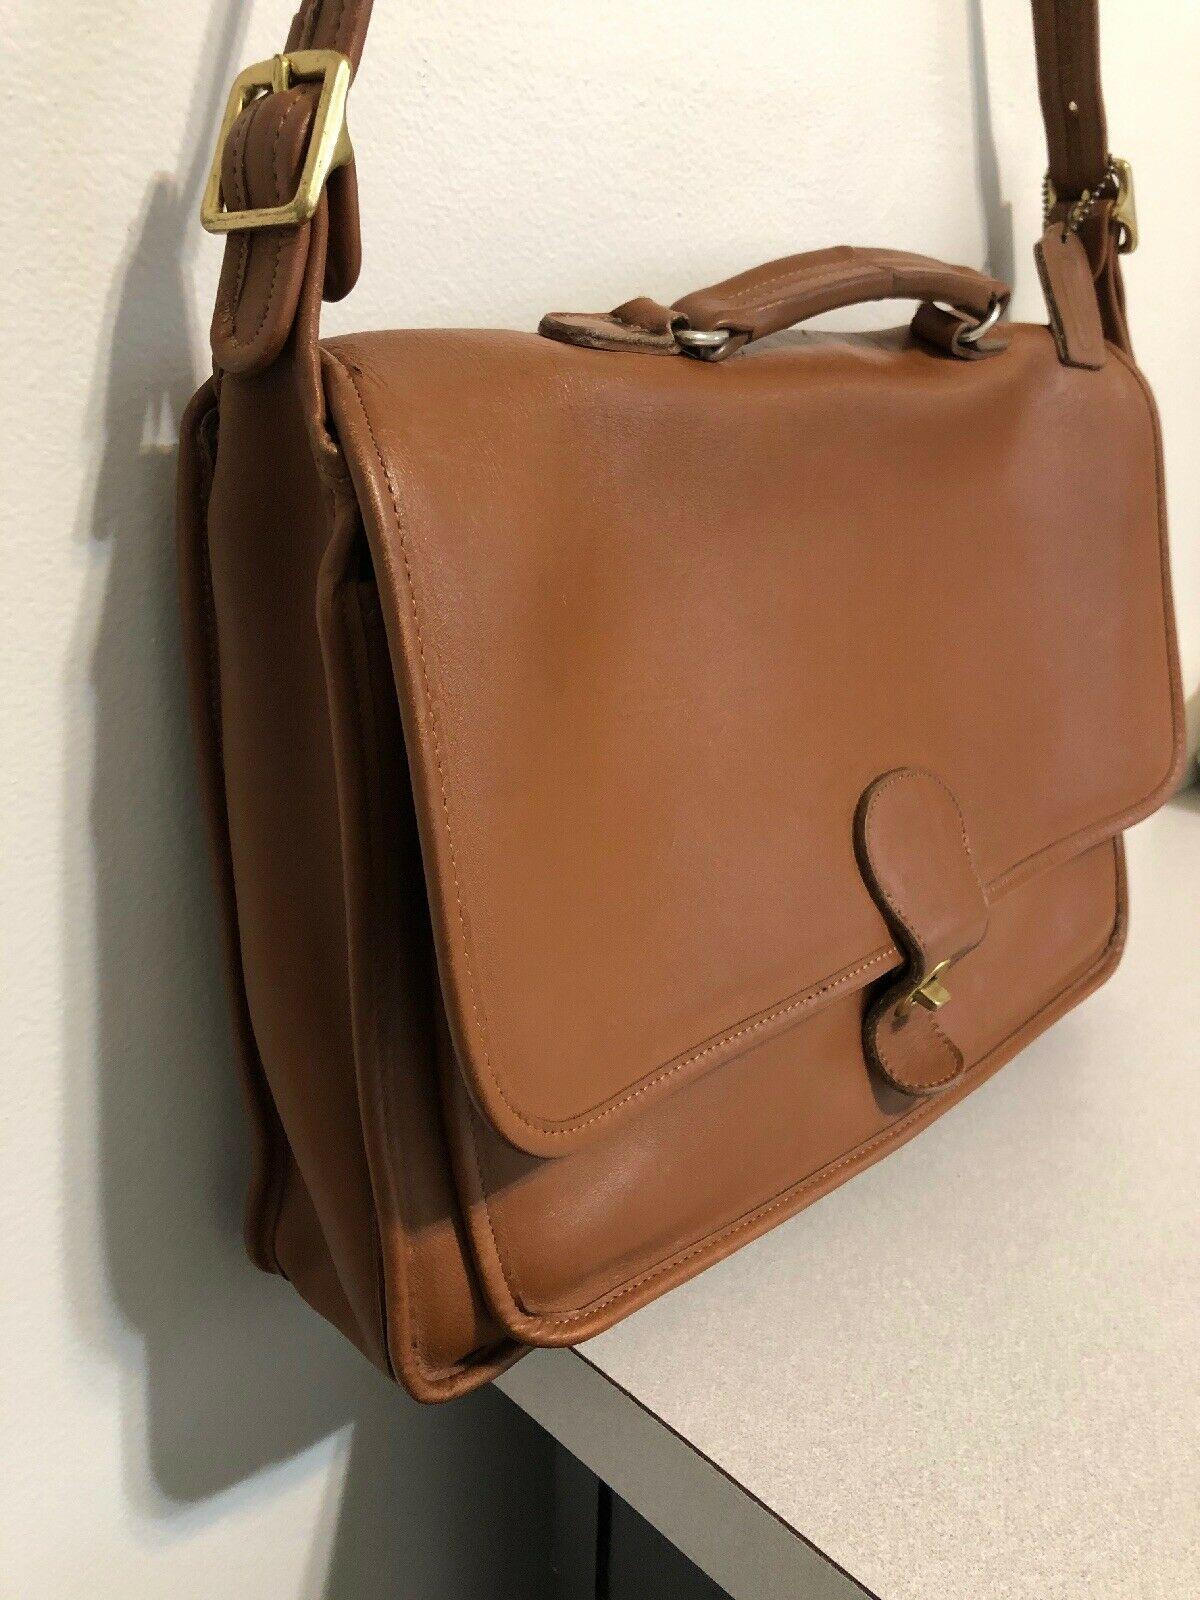 Vintage COACH L6C- 5180 Metropolitan Leather Messenger Attache Tan image 3